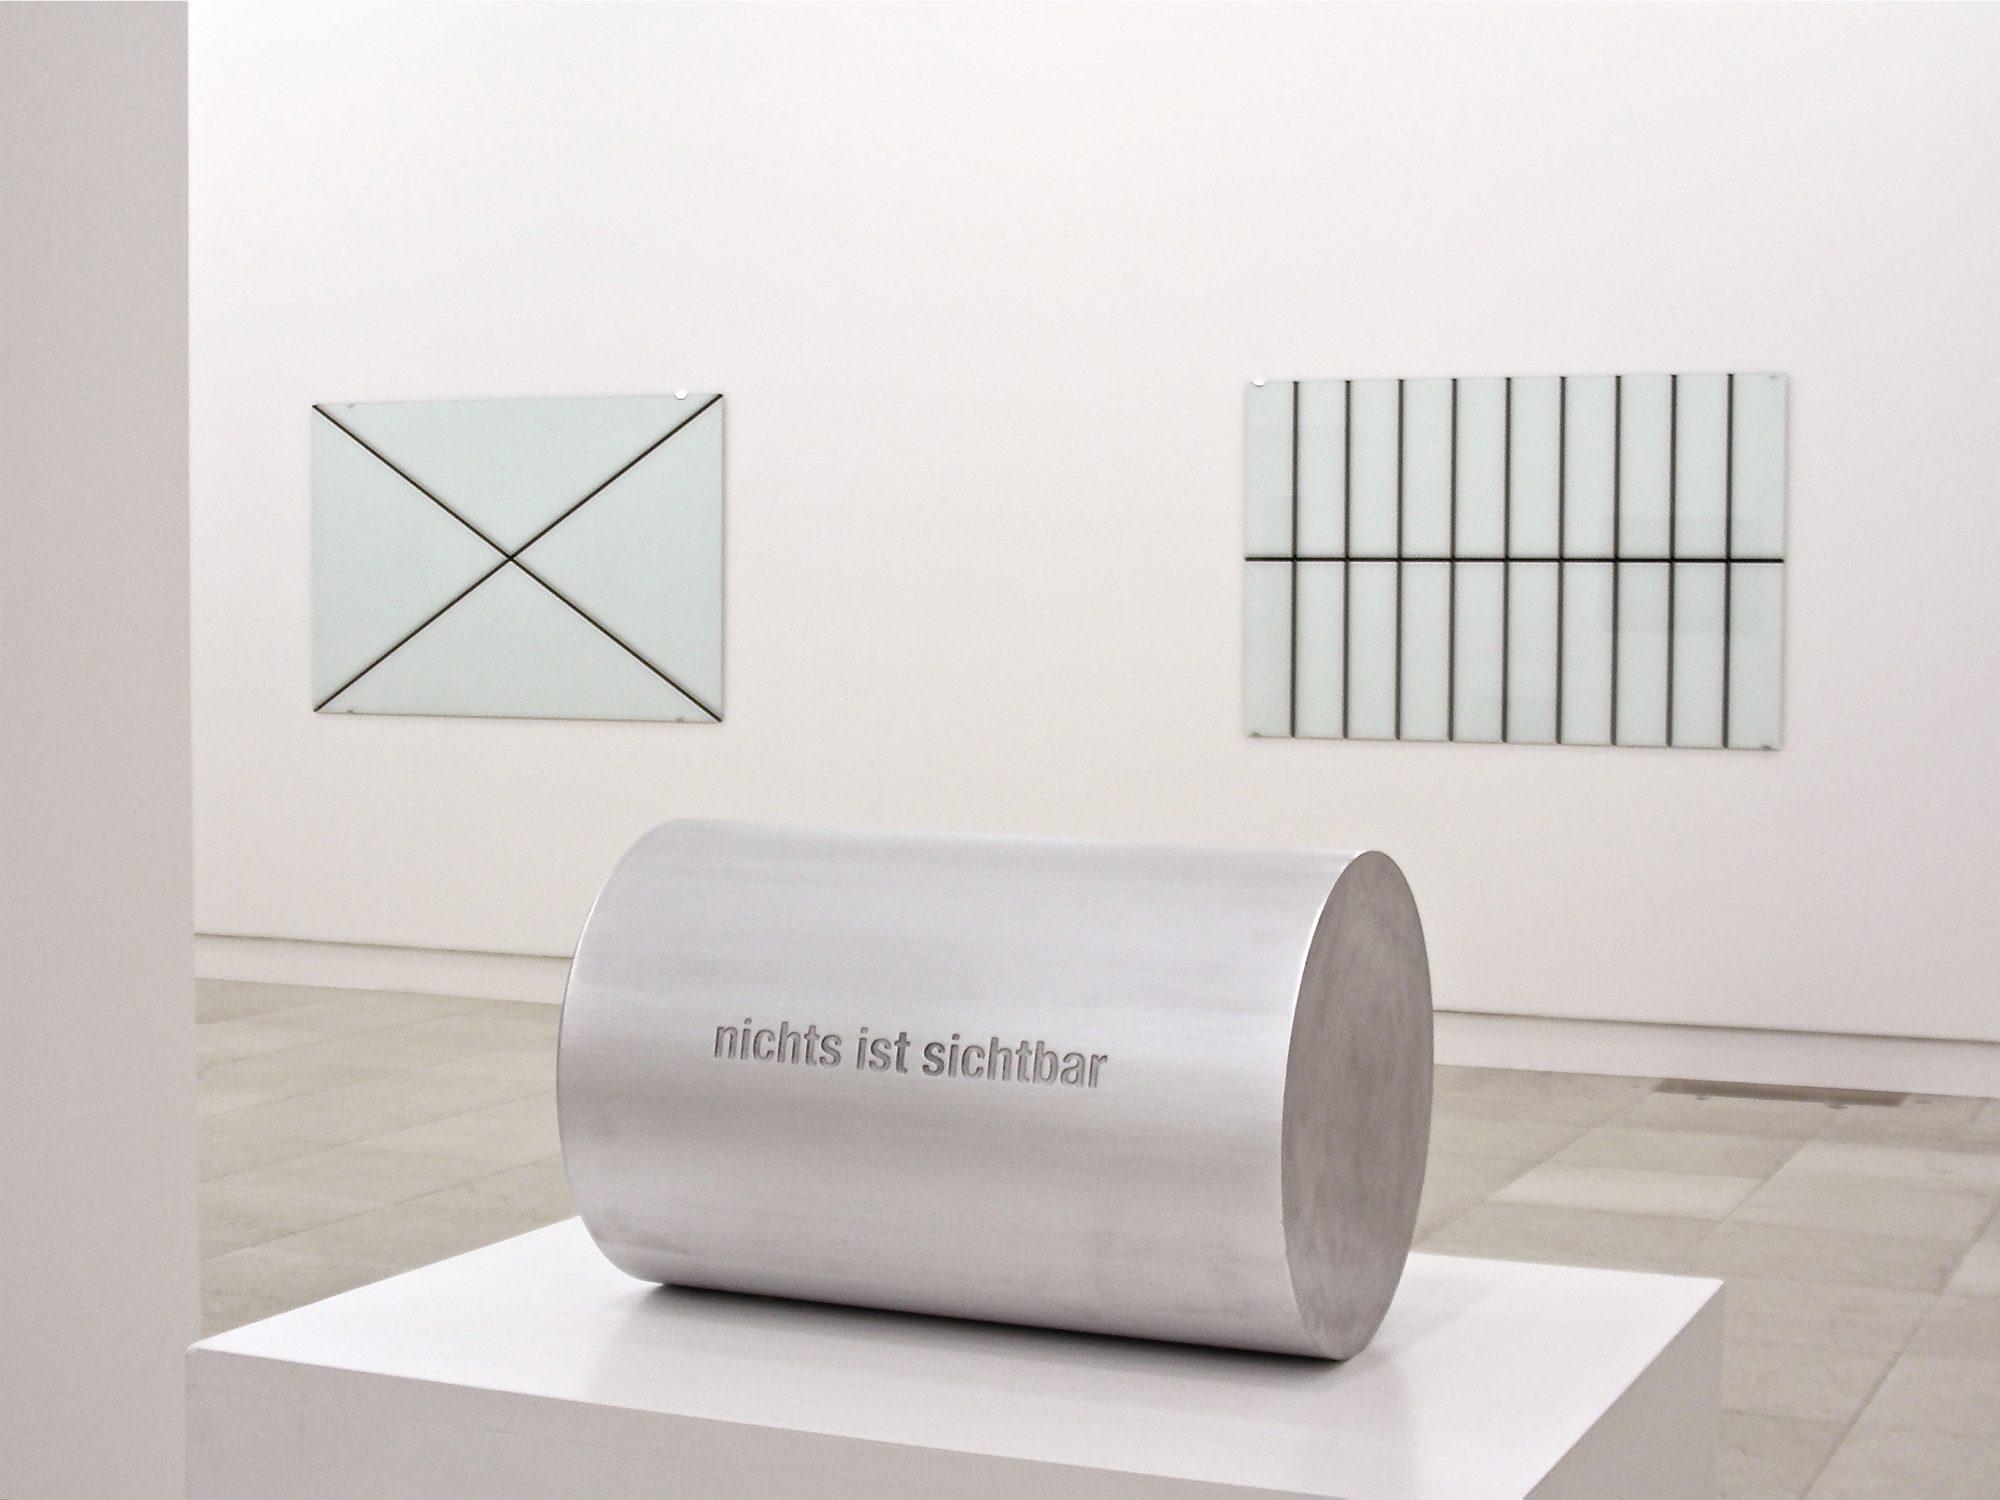 nichts ist sichtbar / nichts ist unsichtbar, 2007, Aluminium 20x20x29cm